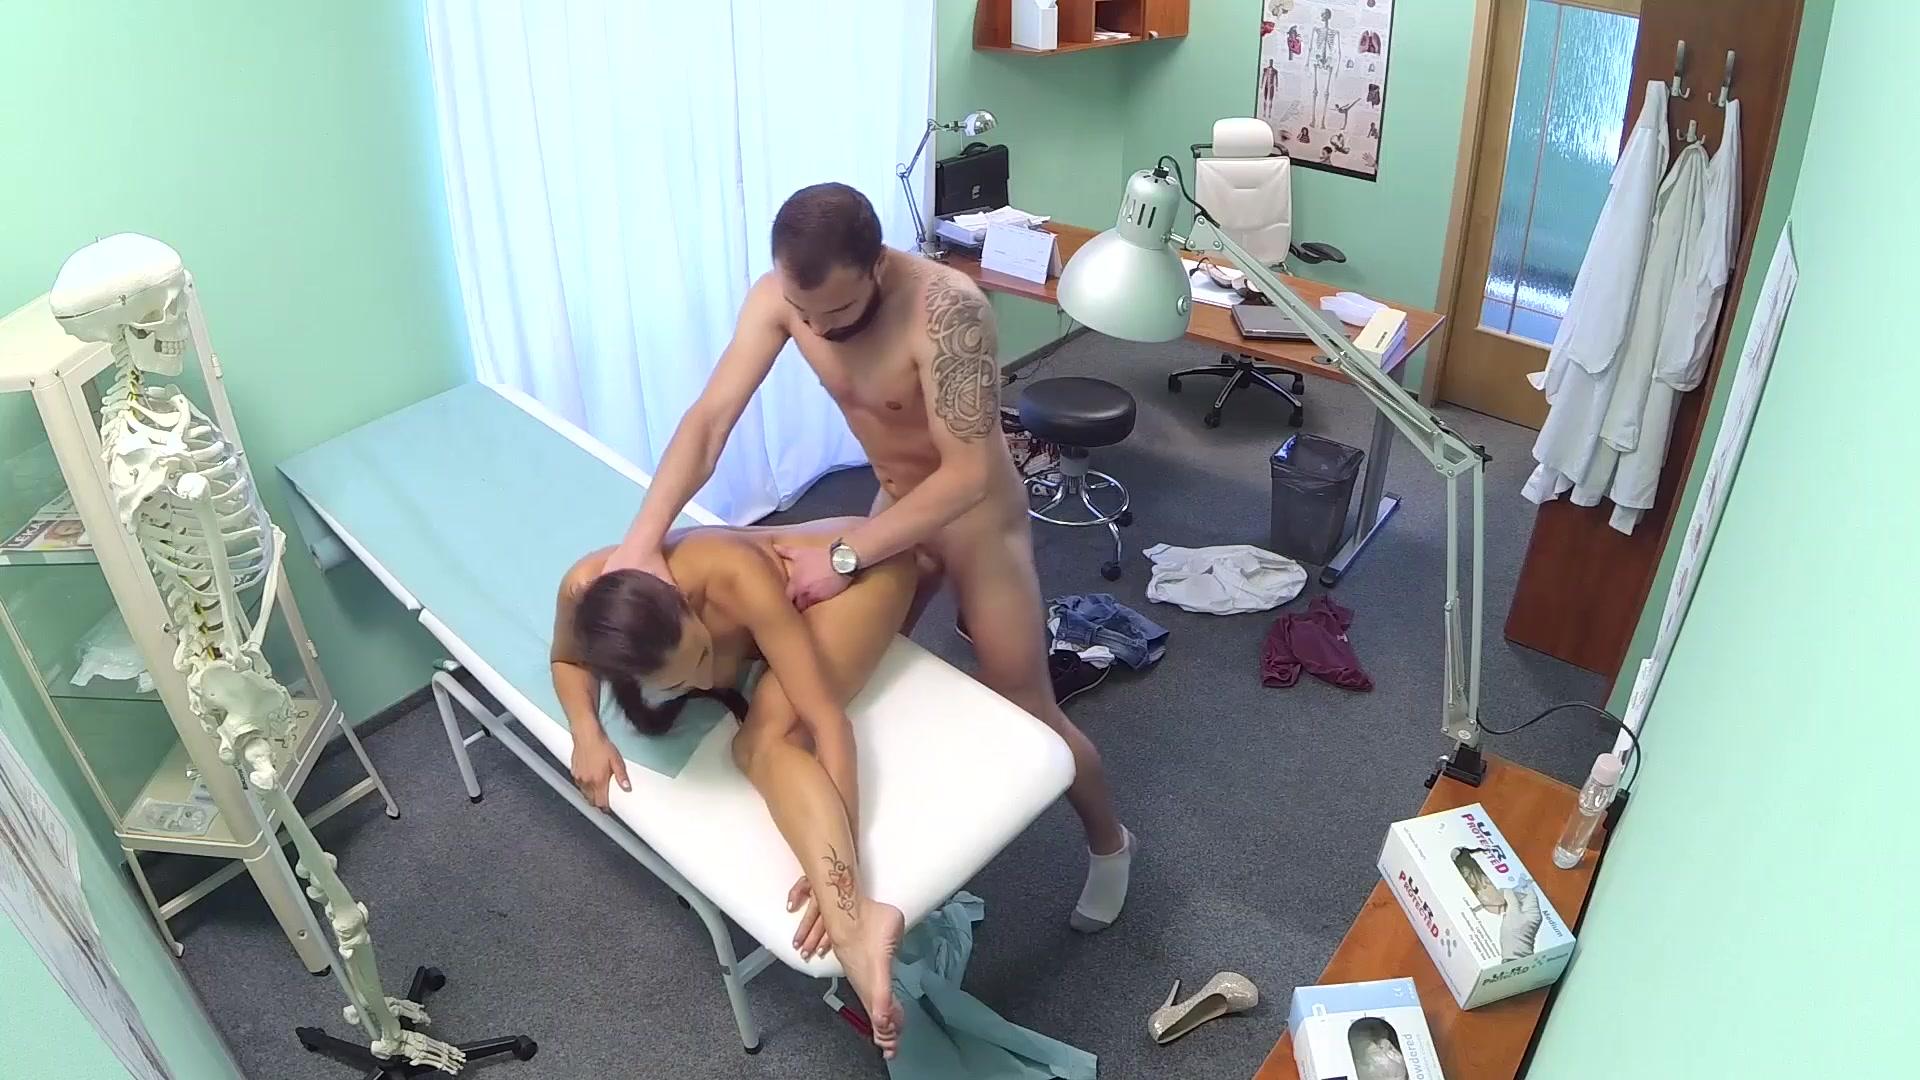 мастурбировала и сильно кончила порно